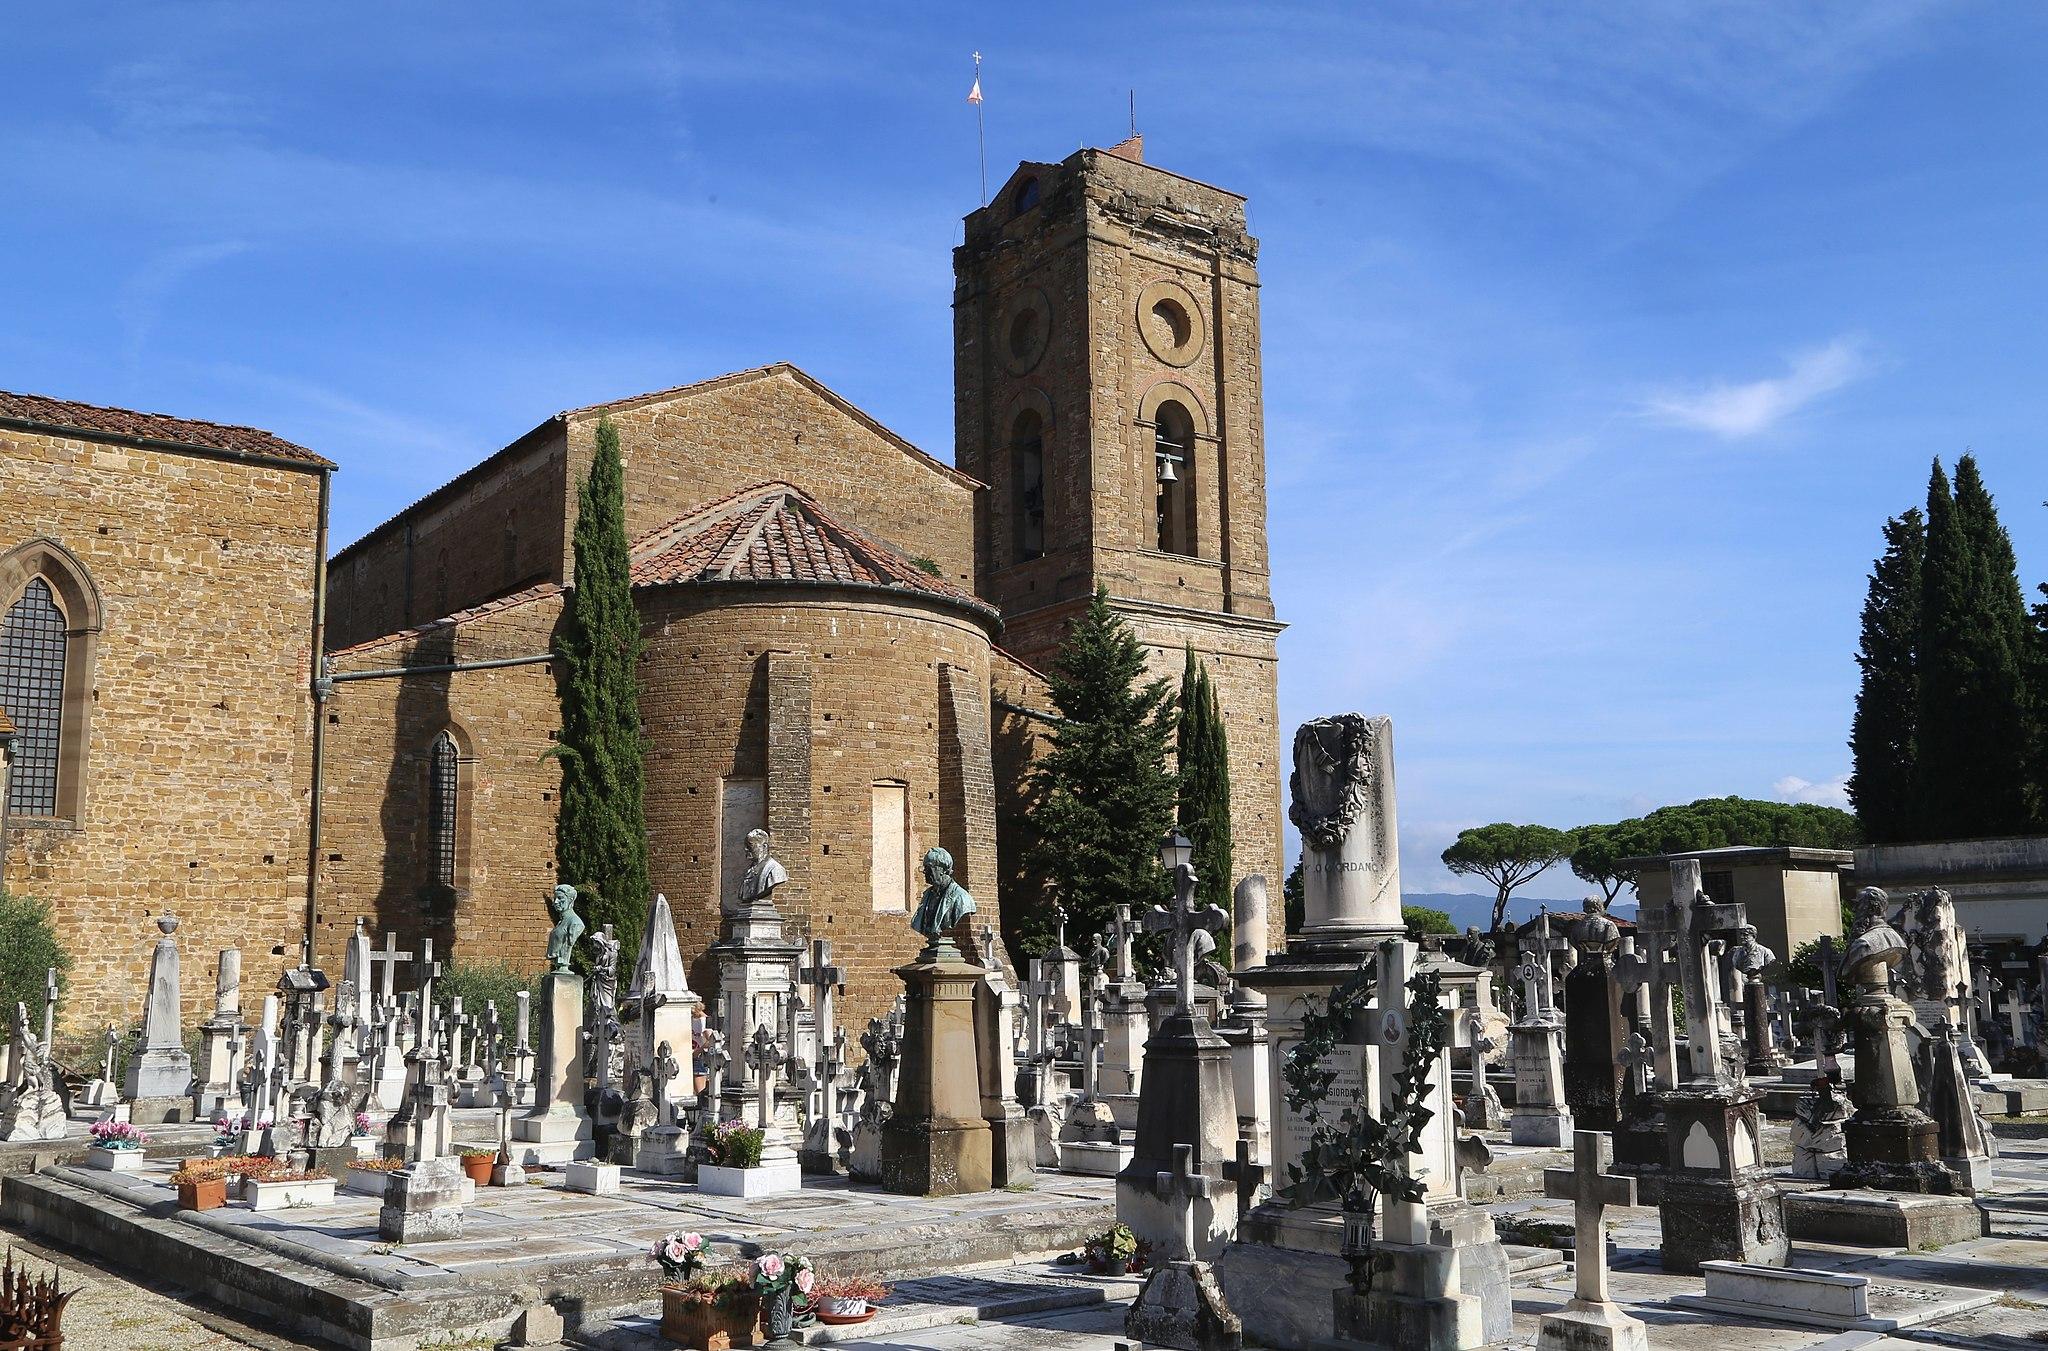 La parte posteriore di San Miniato al Monte con Cimitero delle Porte Sante